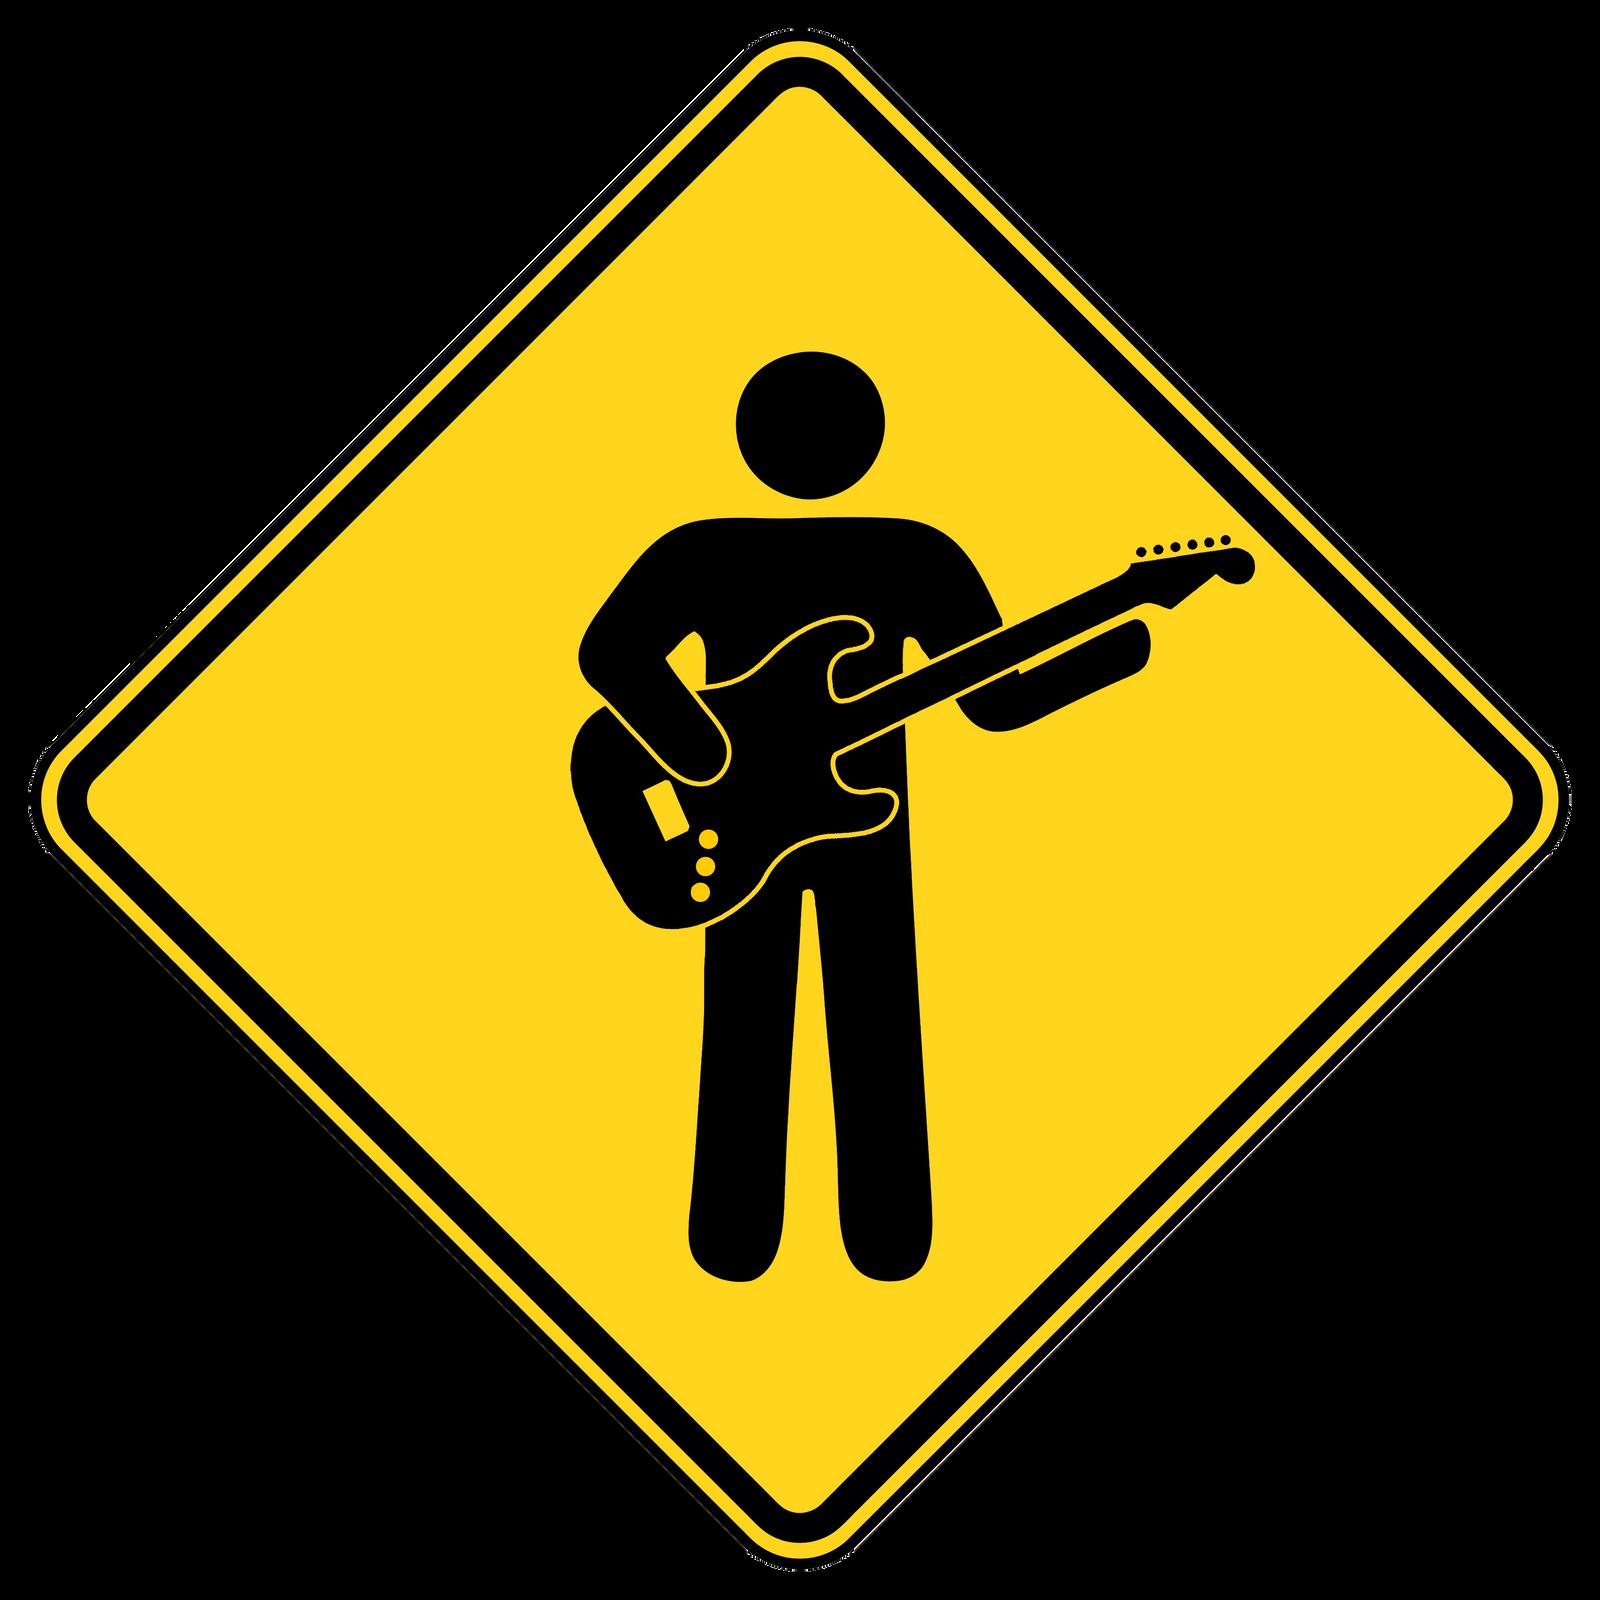 10% Off 1 Item | Groupon Exclusive Guitar Center Coupon